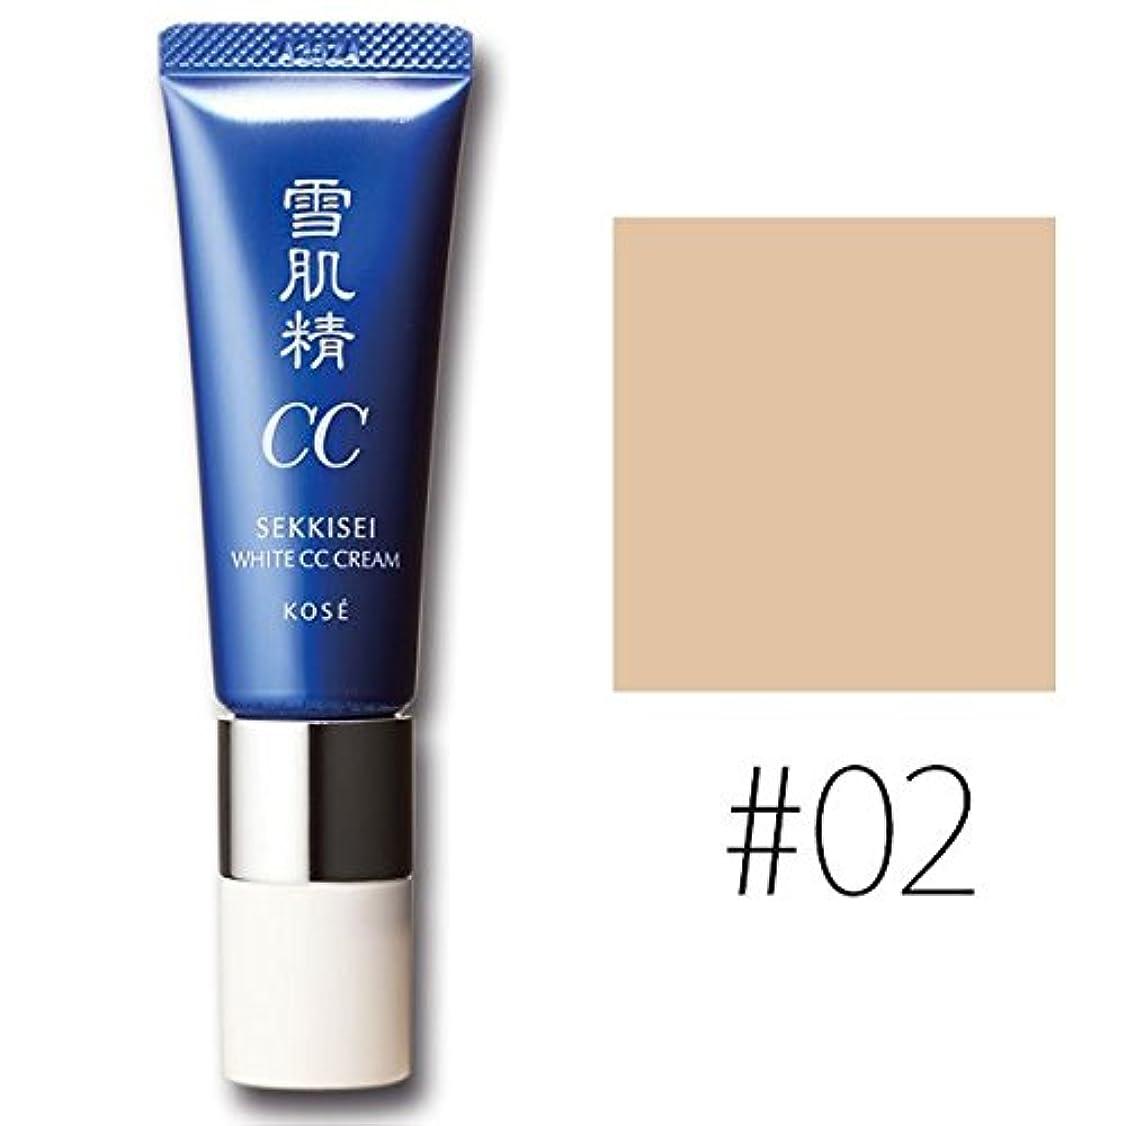 においシャワー正確さコーセー 雪肌精 ホワイト CCクリーム【#02】 #OCHRE SPF50+/PA++++ 30g